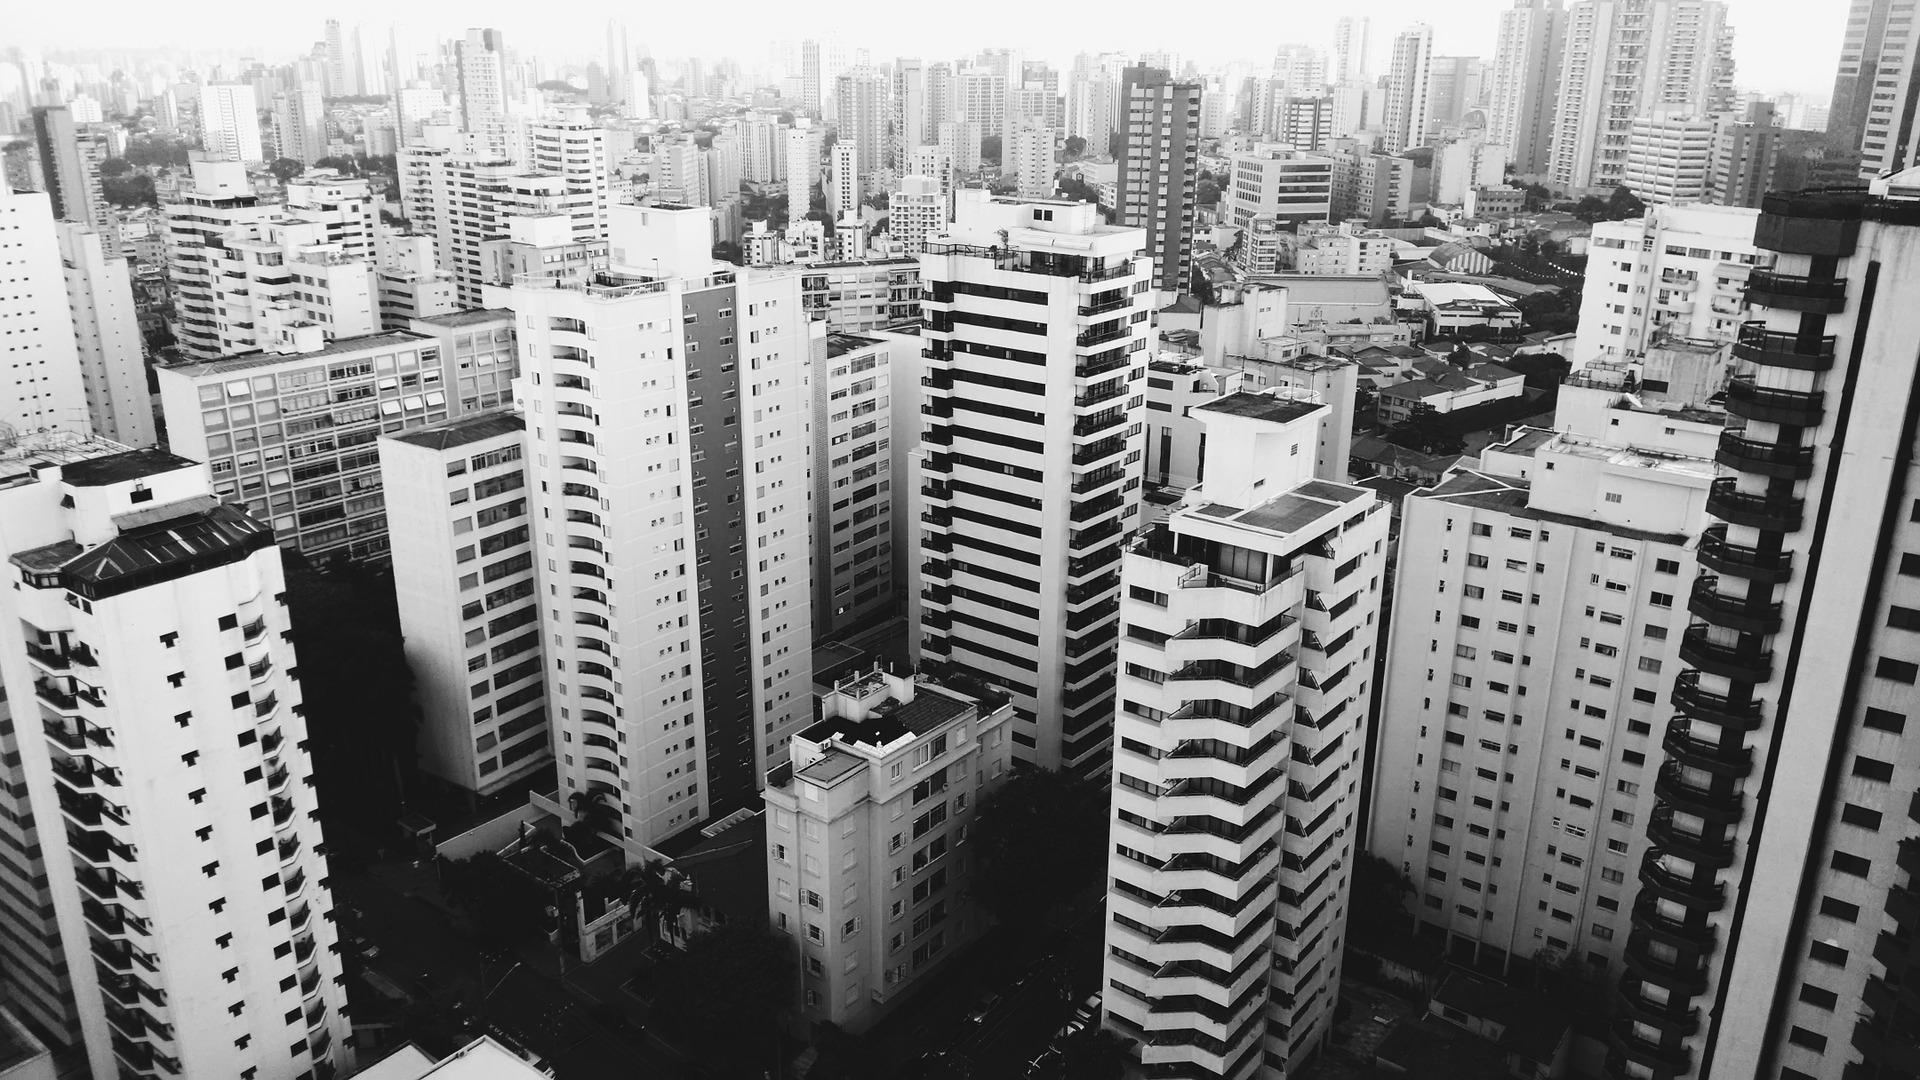 buildings-1030991_1920